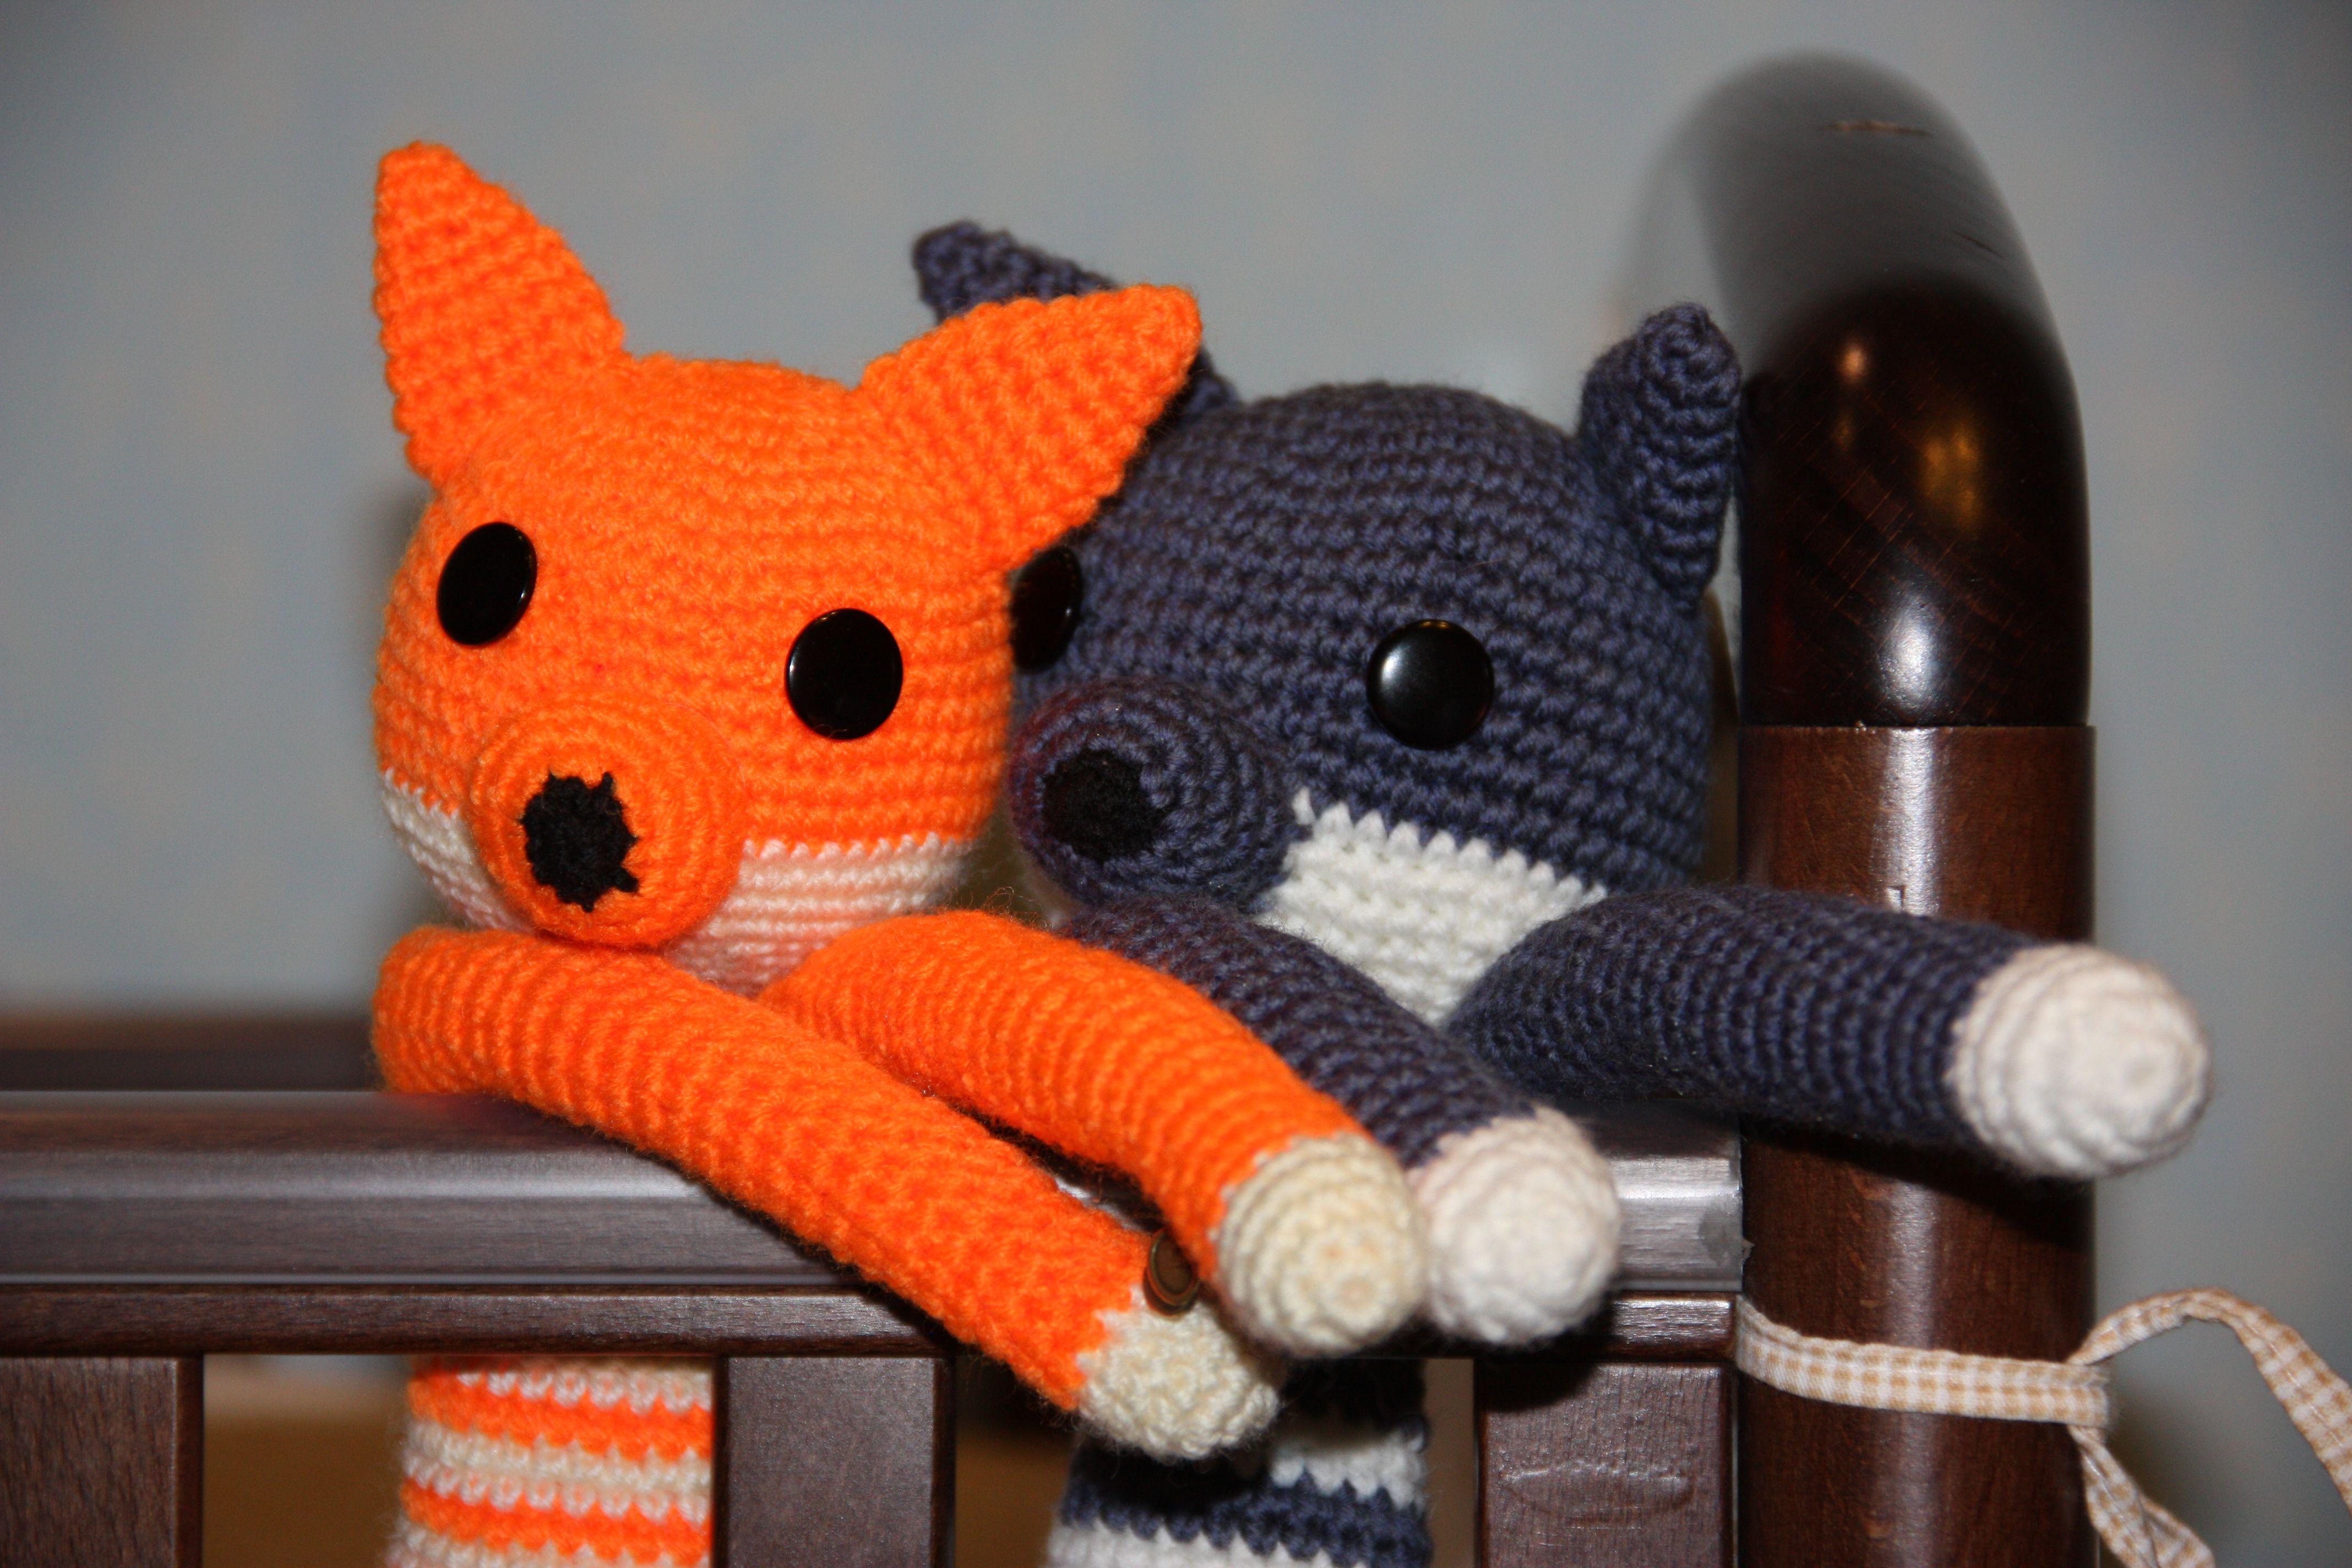 вязаный вязаные взрослых для лис игрушки детей длинноногий оранжевый